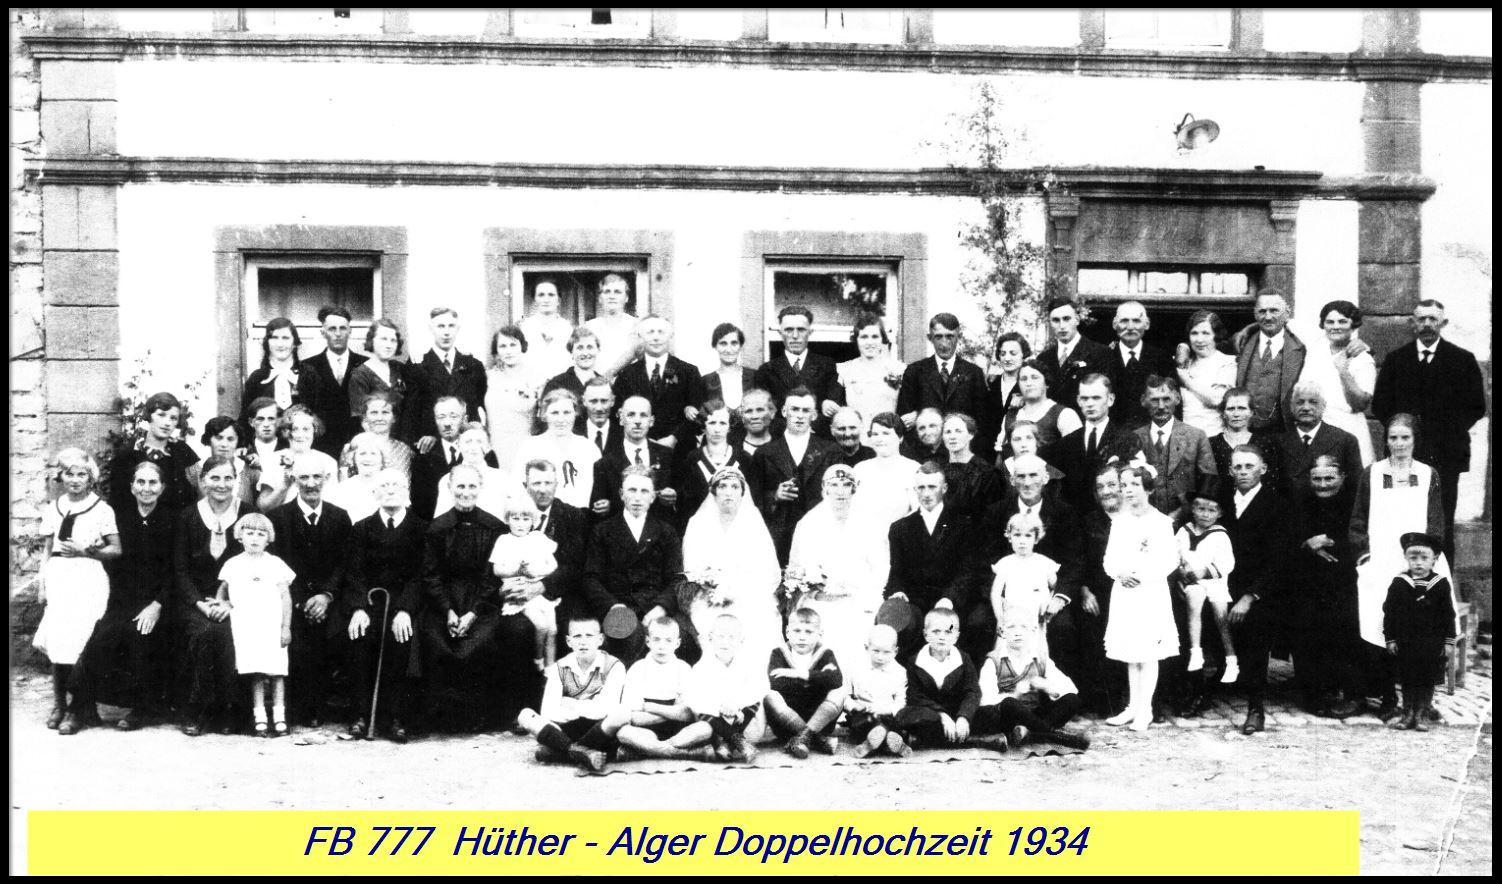 Doppelhochzeit Hüther/Alger